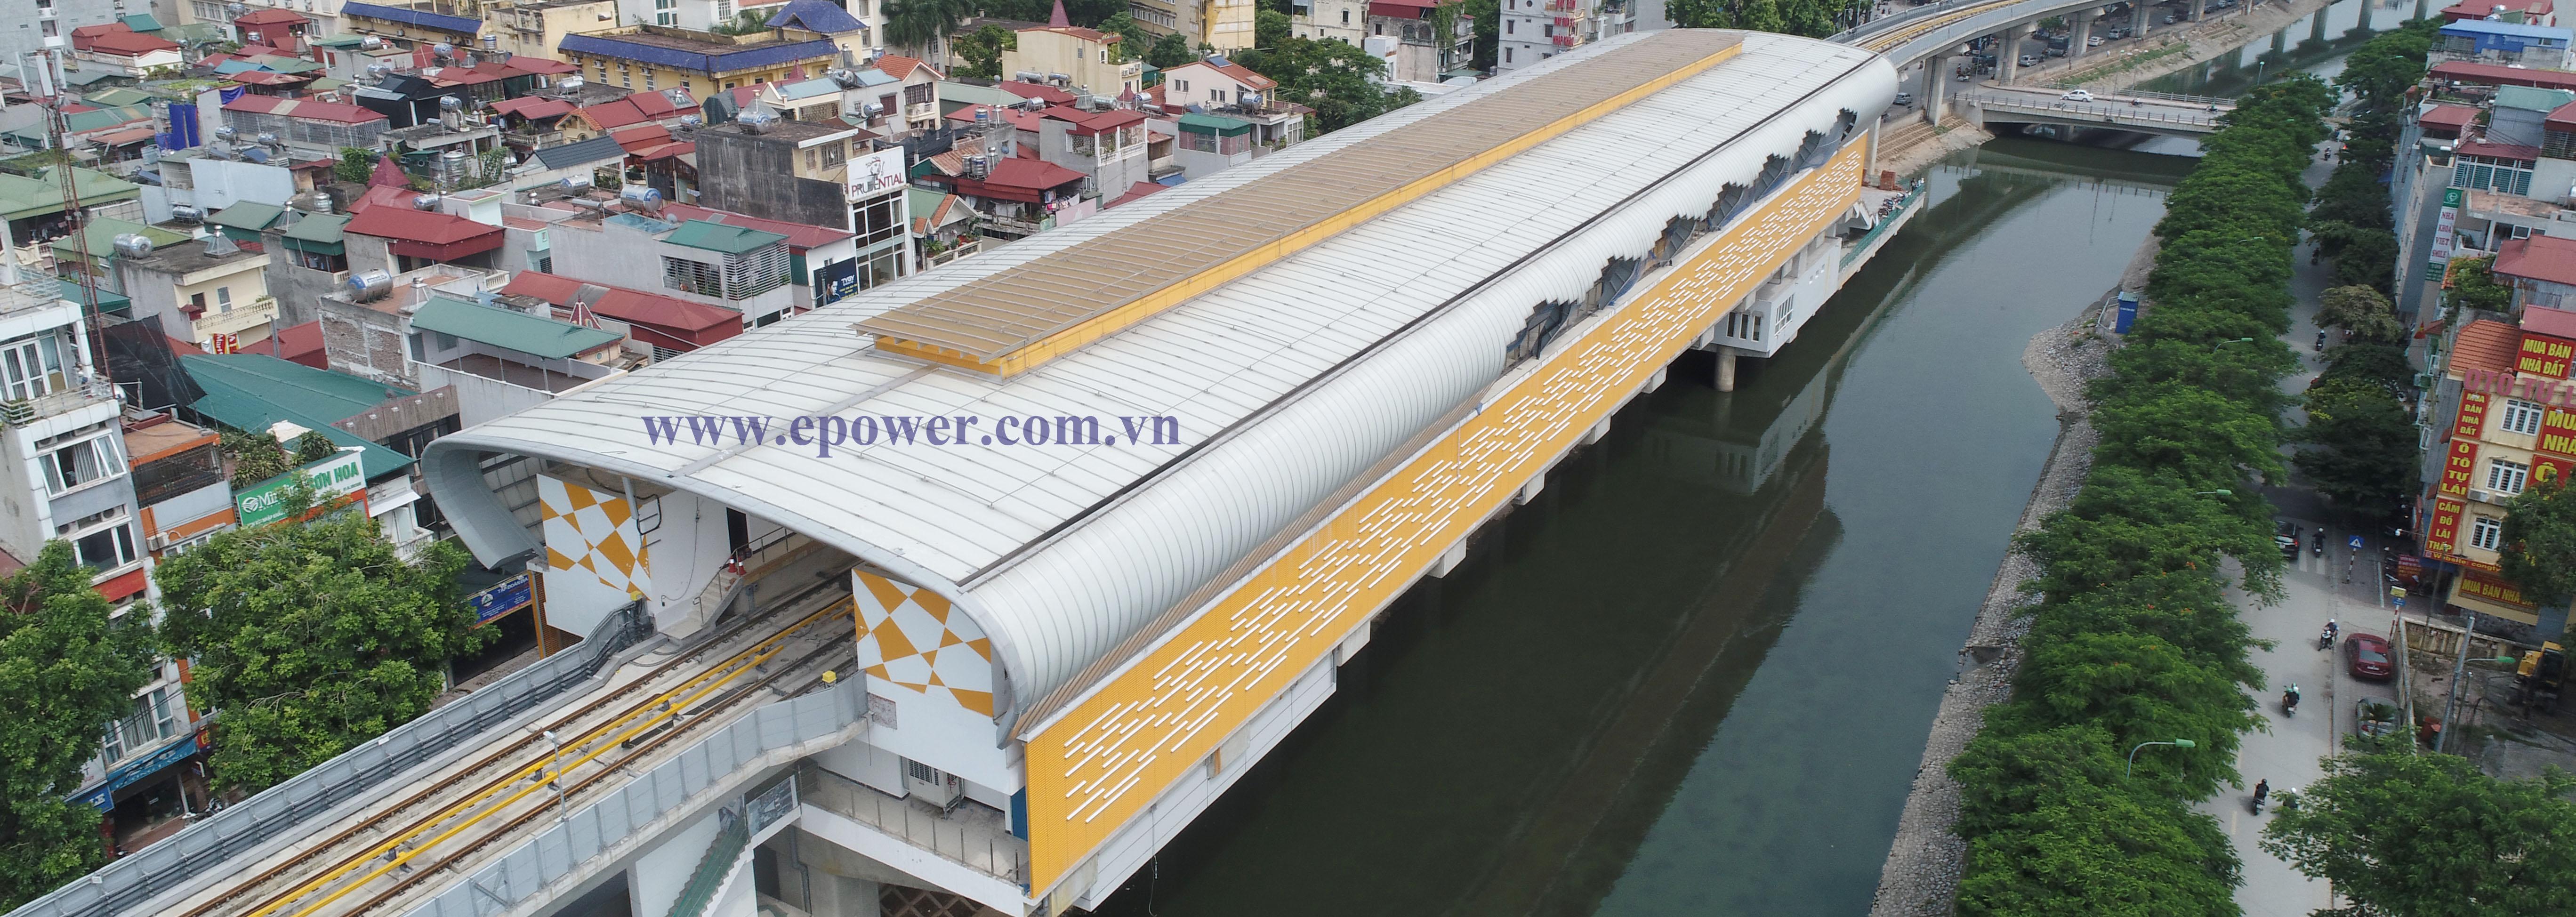 Dự án tuyến đường sắt trên cao Cát Linh - Hà Đông